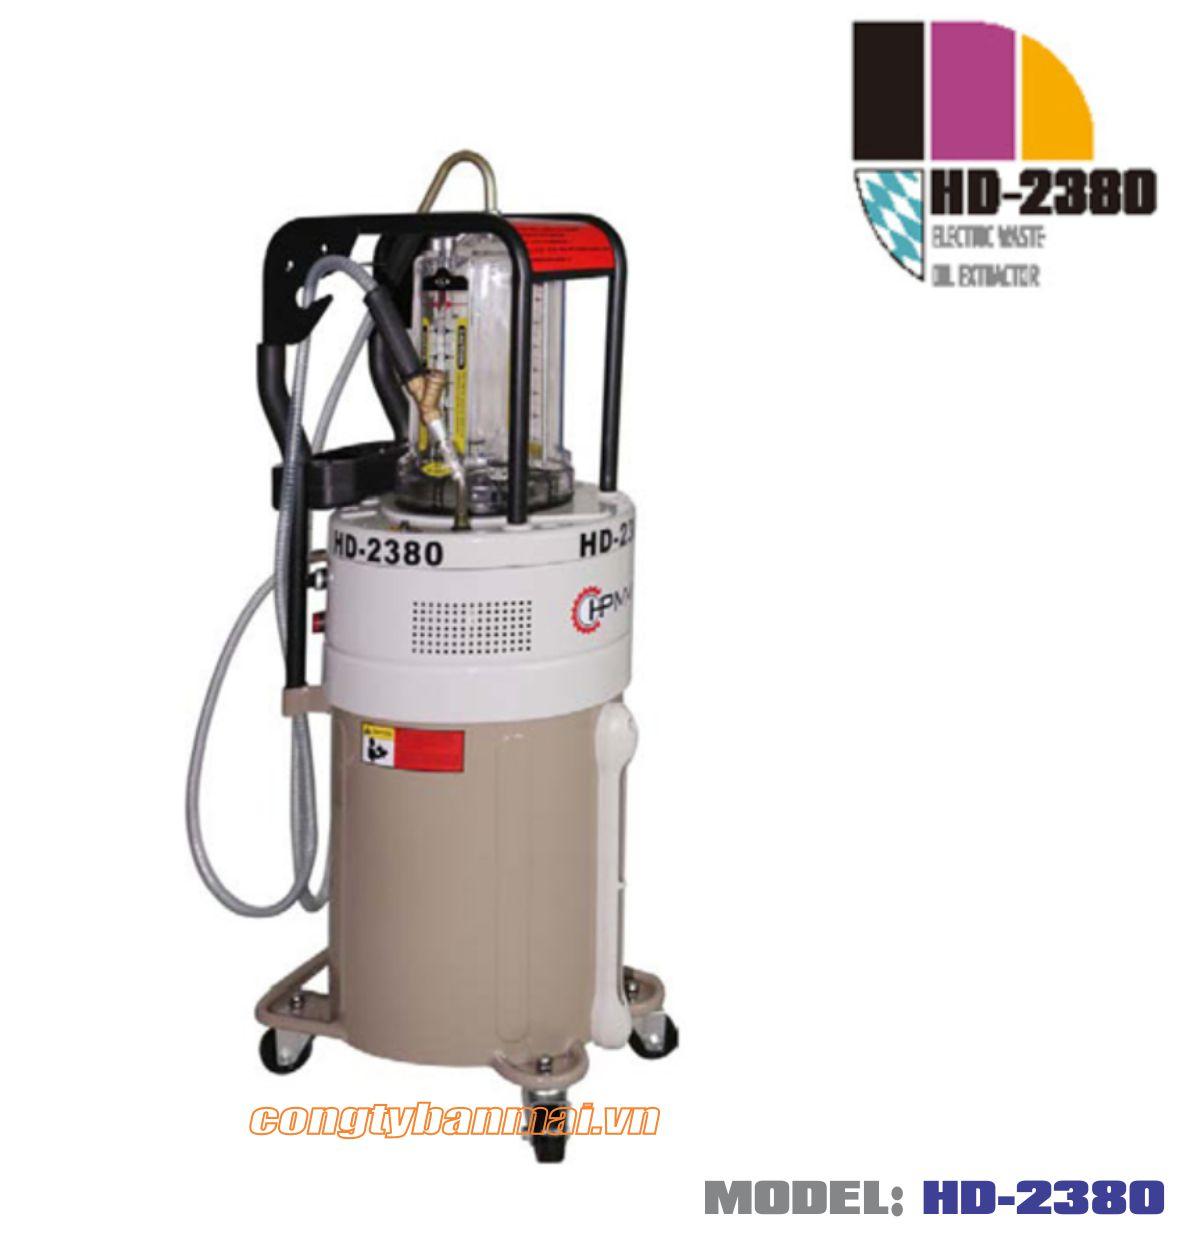 Máy hút dầu thải bằng điện HD-2380